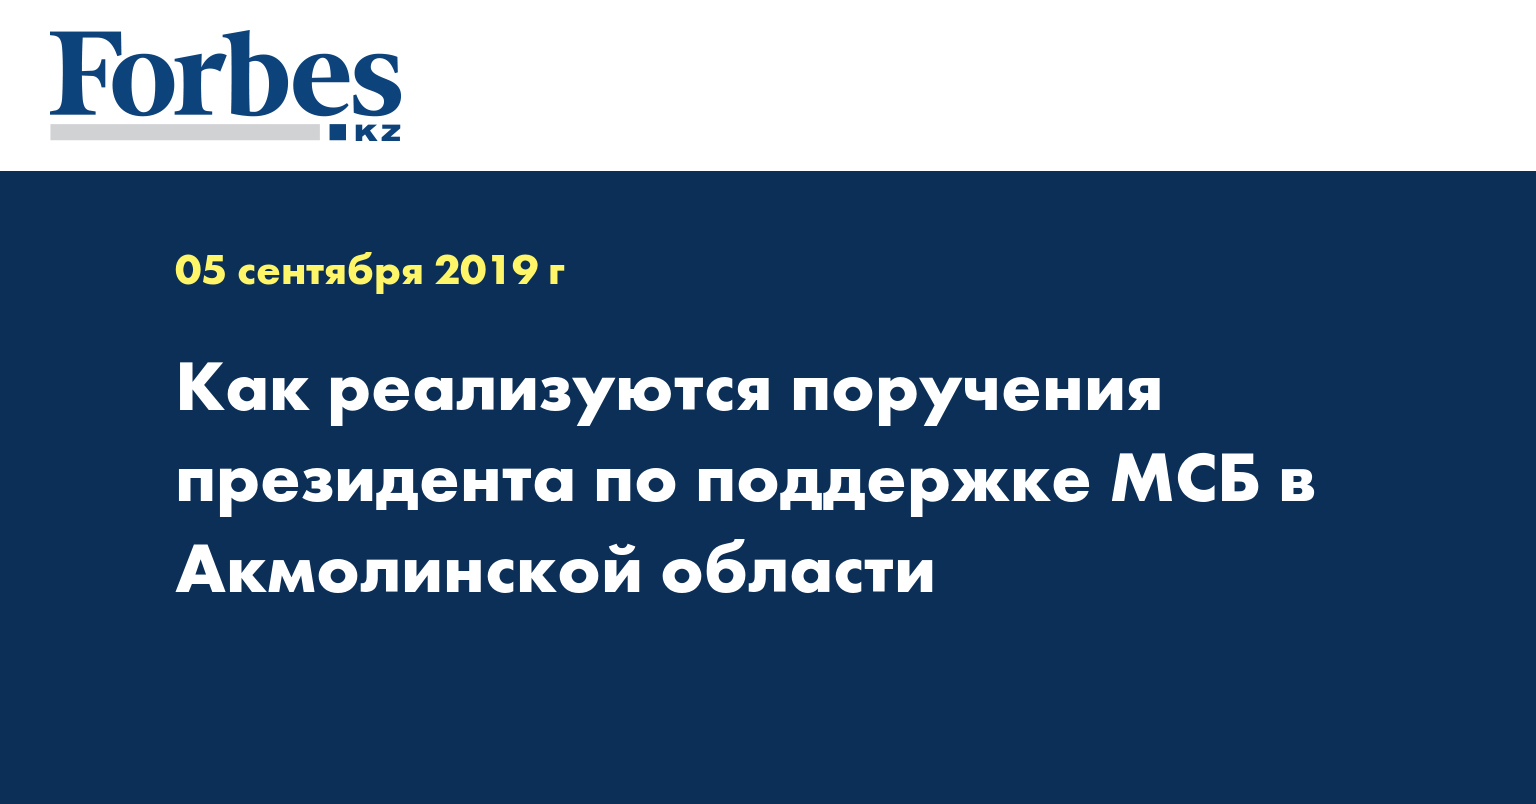 Как реализуются поручения президента по поддержке МСБ в Акмолинской области